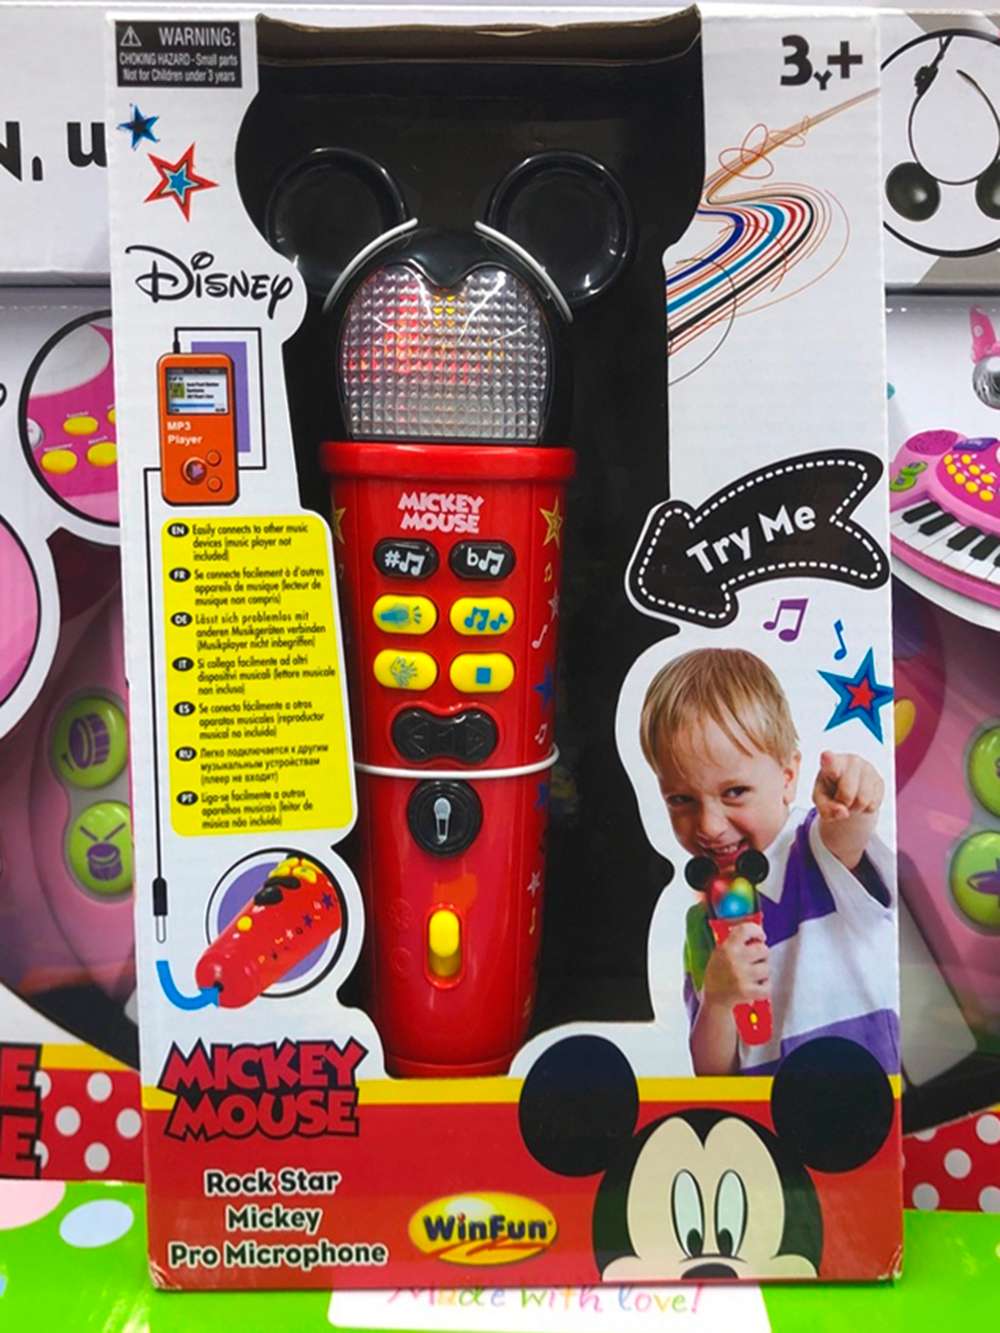 Лучше брать игрушки, которые можно послушать прямо в магазине. Помимо уровня громкости обратите внимание на возможность быстро выключить звук — это бывает полезно